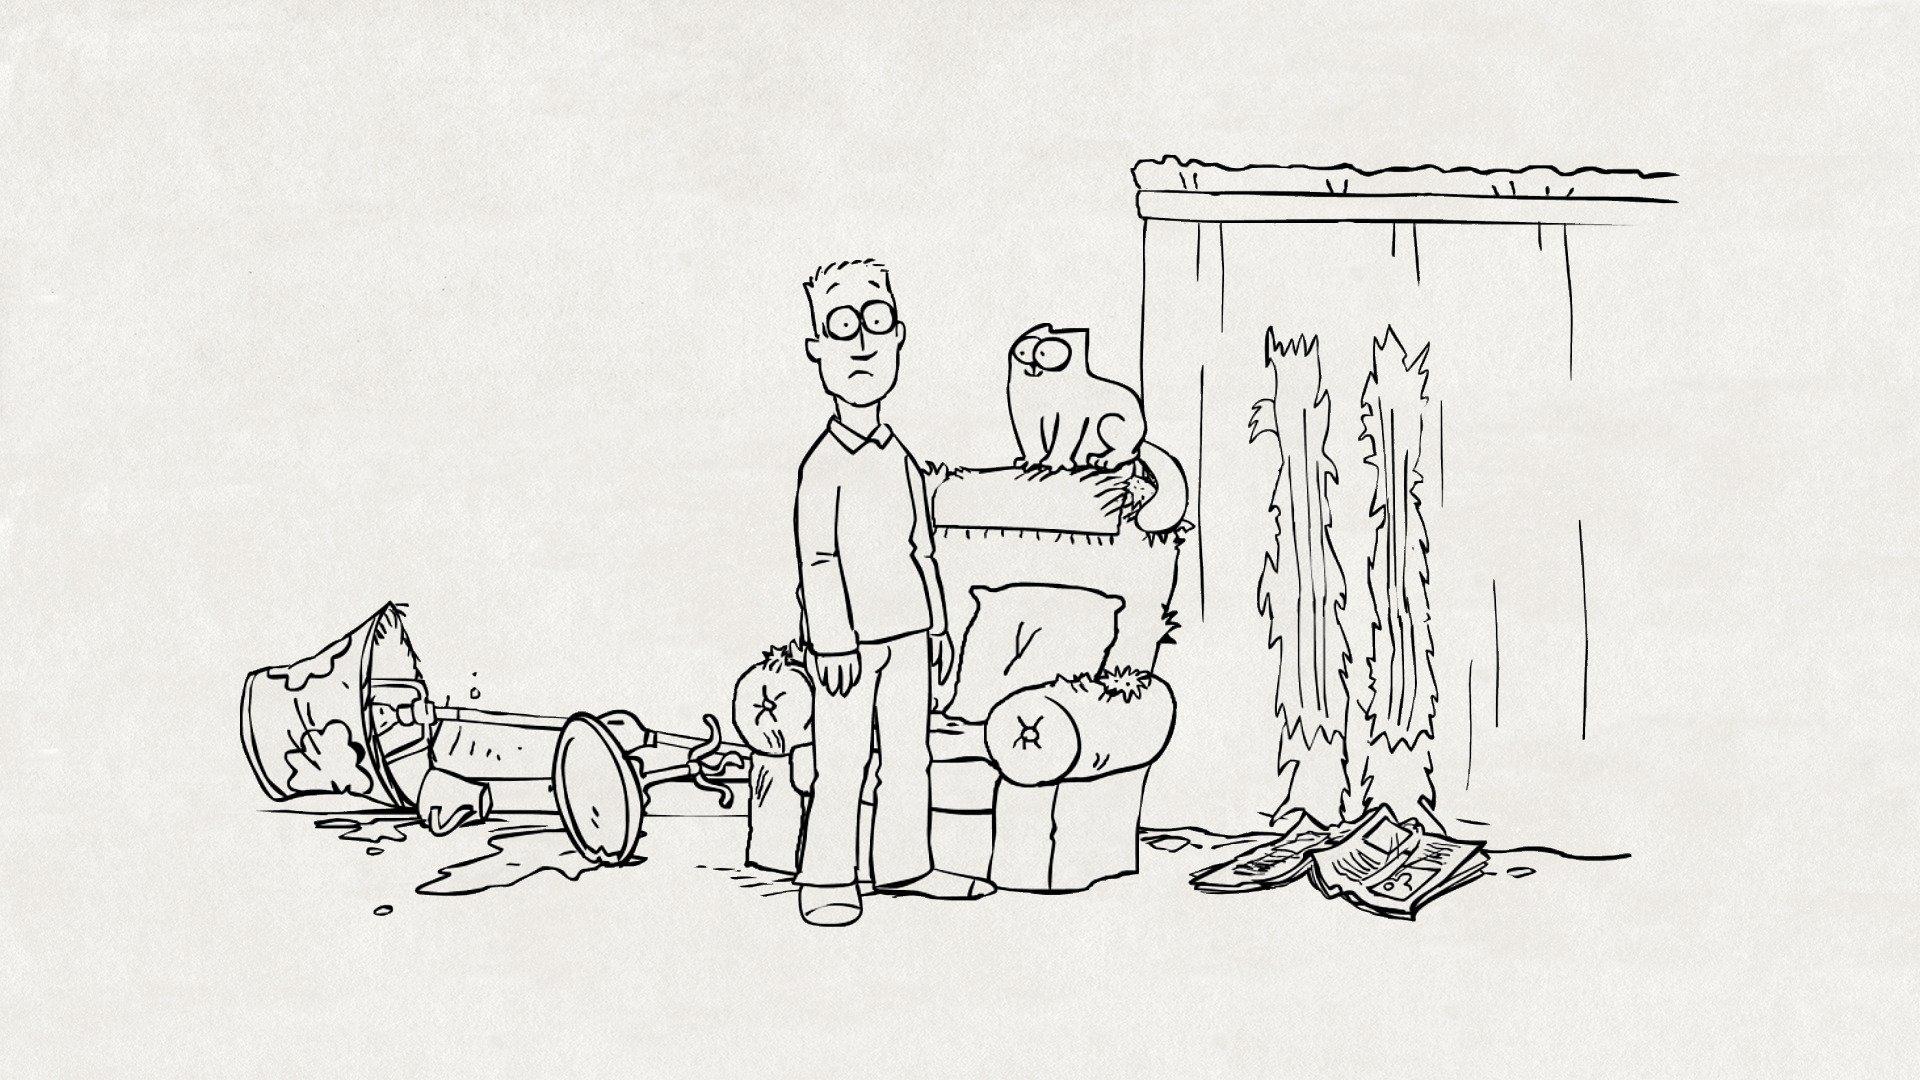 Мальчик прочитал предложения и сделал к ним смешные рисунки, тему мая день